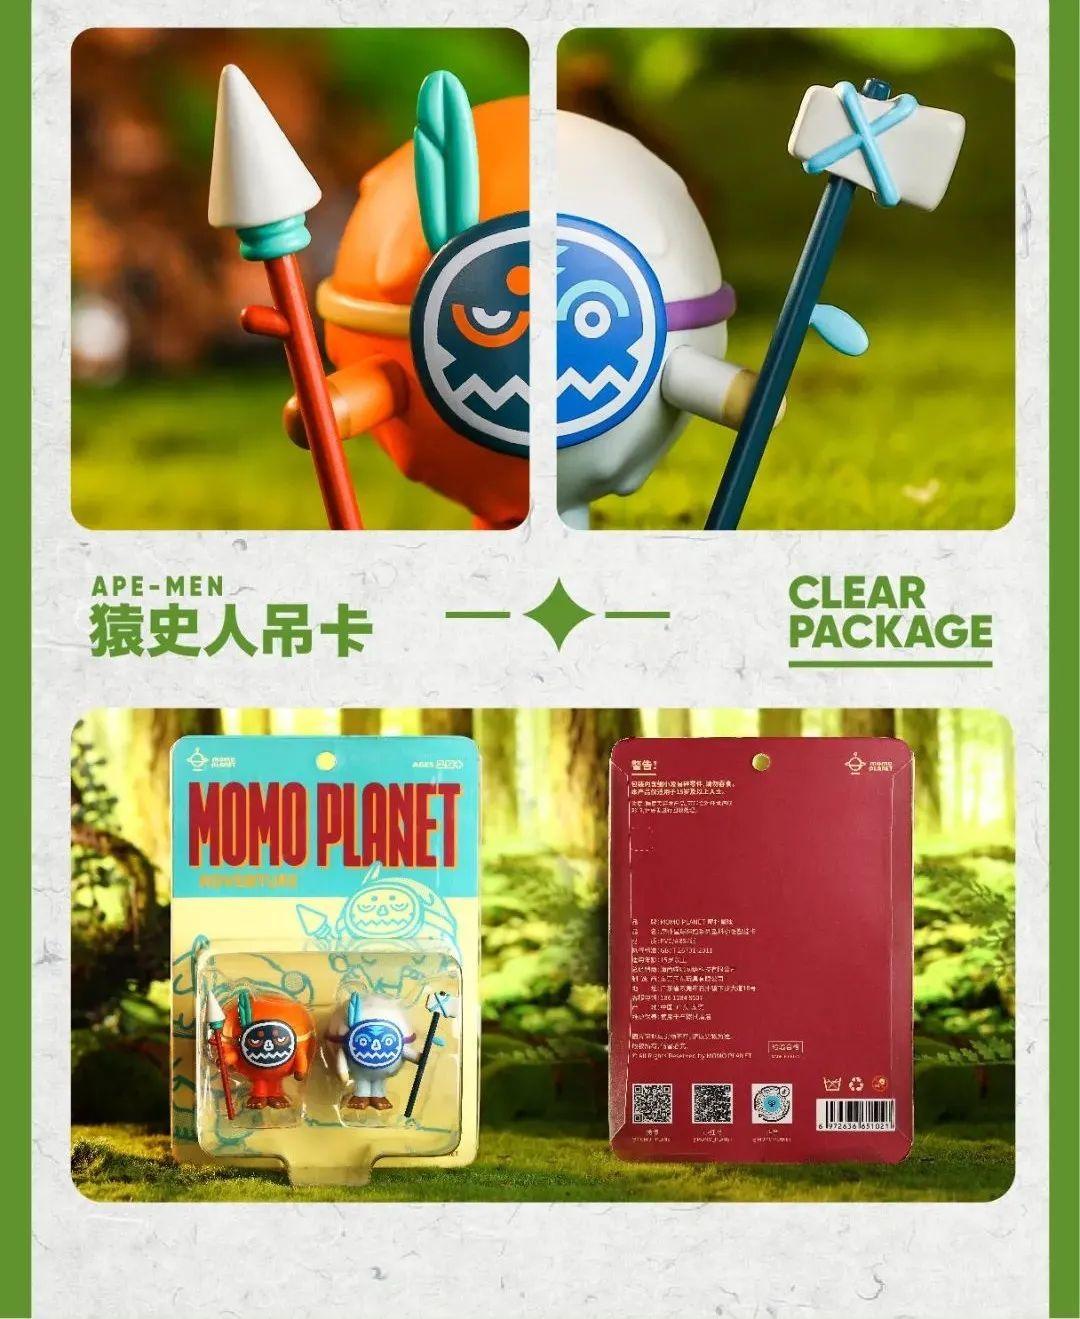 MOMO PLANET探险系列大公仔、吊卡和盲盒九月已全面发售